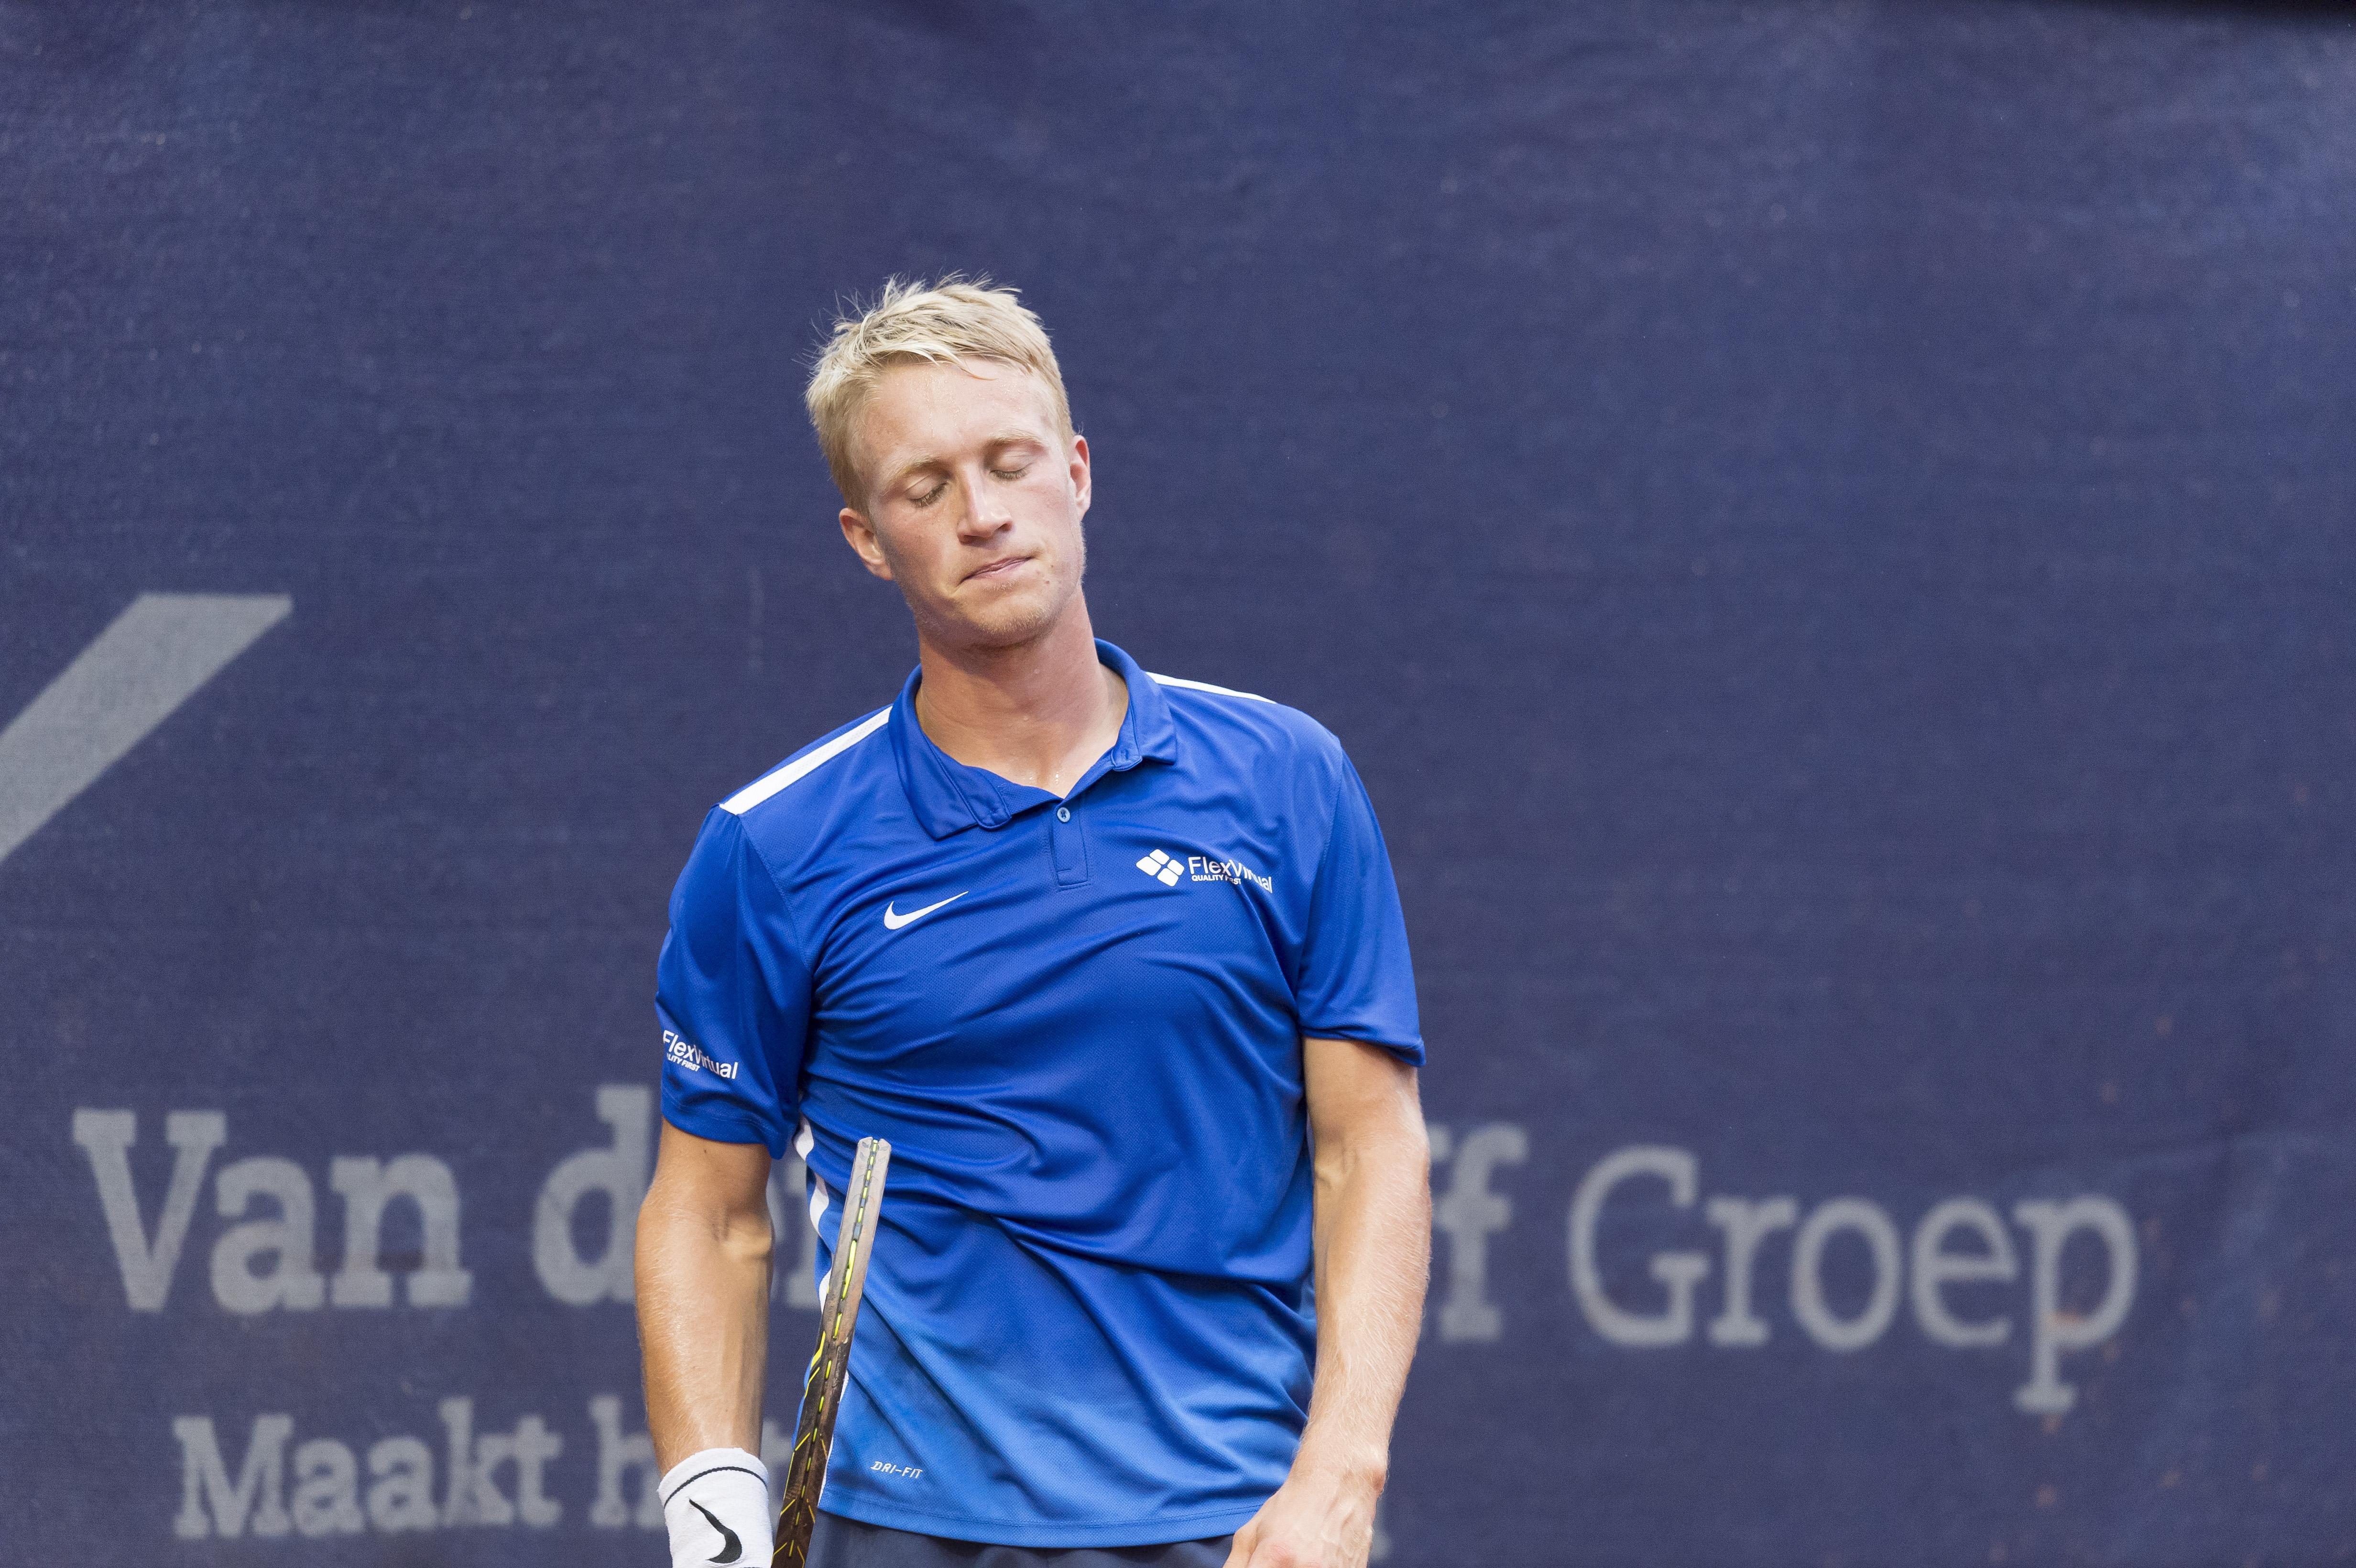 Tennisser Sels met vertrouwen naar Den Haag